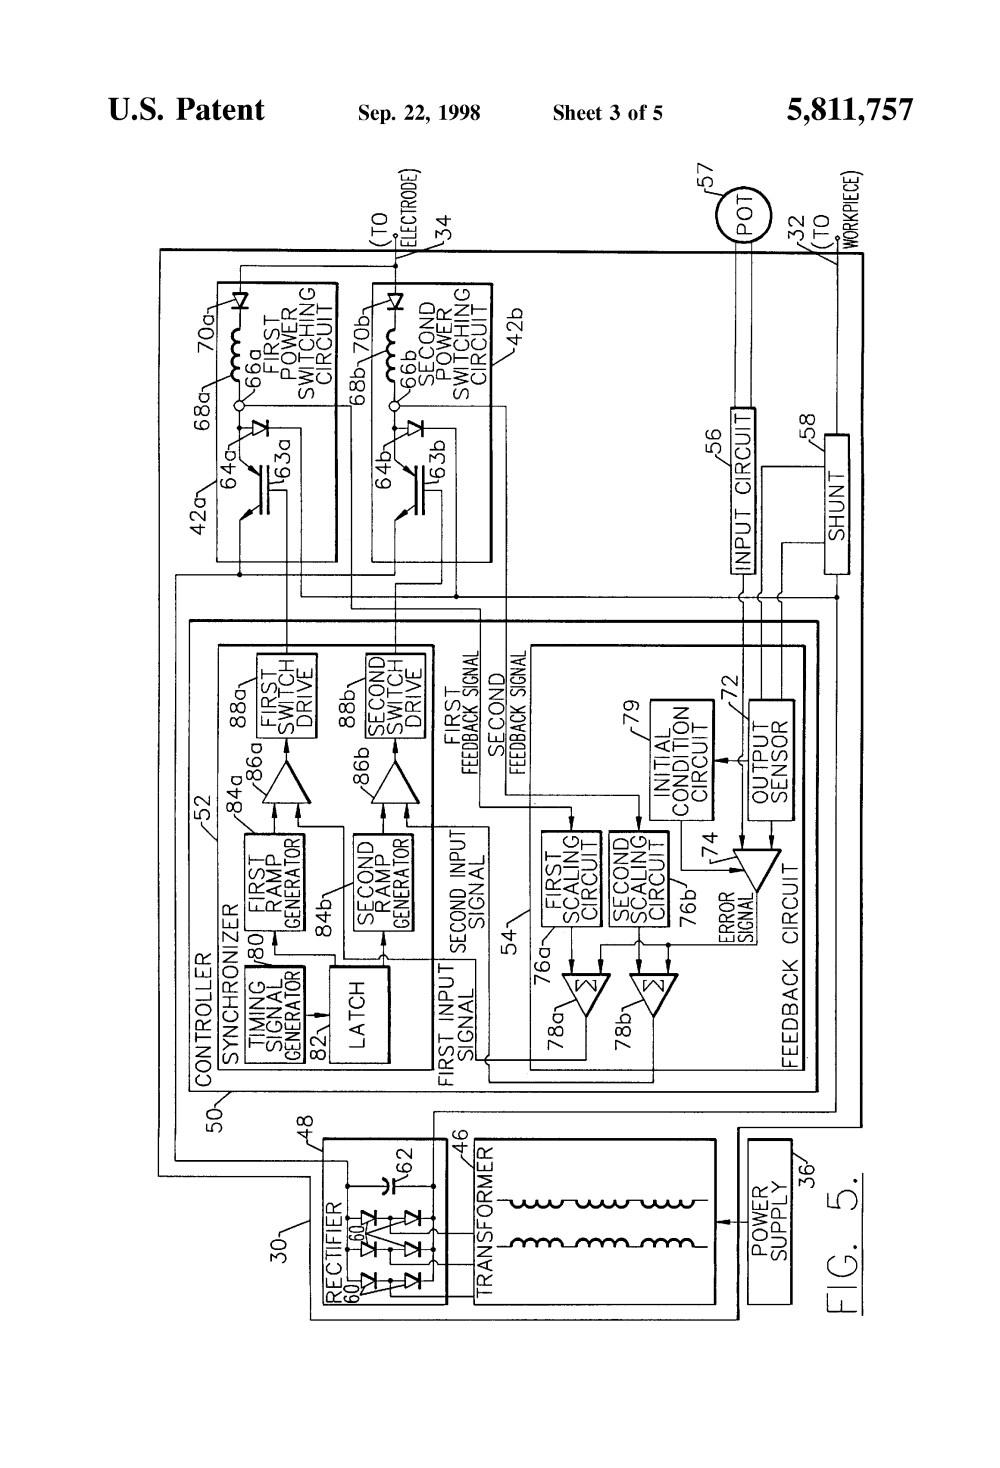 medium resolution of acme transformer t 1 81051 wiring diagram download acme 480 vac transformer wiring diagrams acme 480 vac transformer wiring diagrams